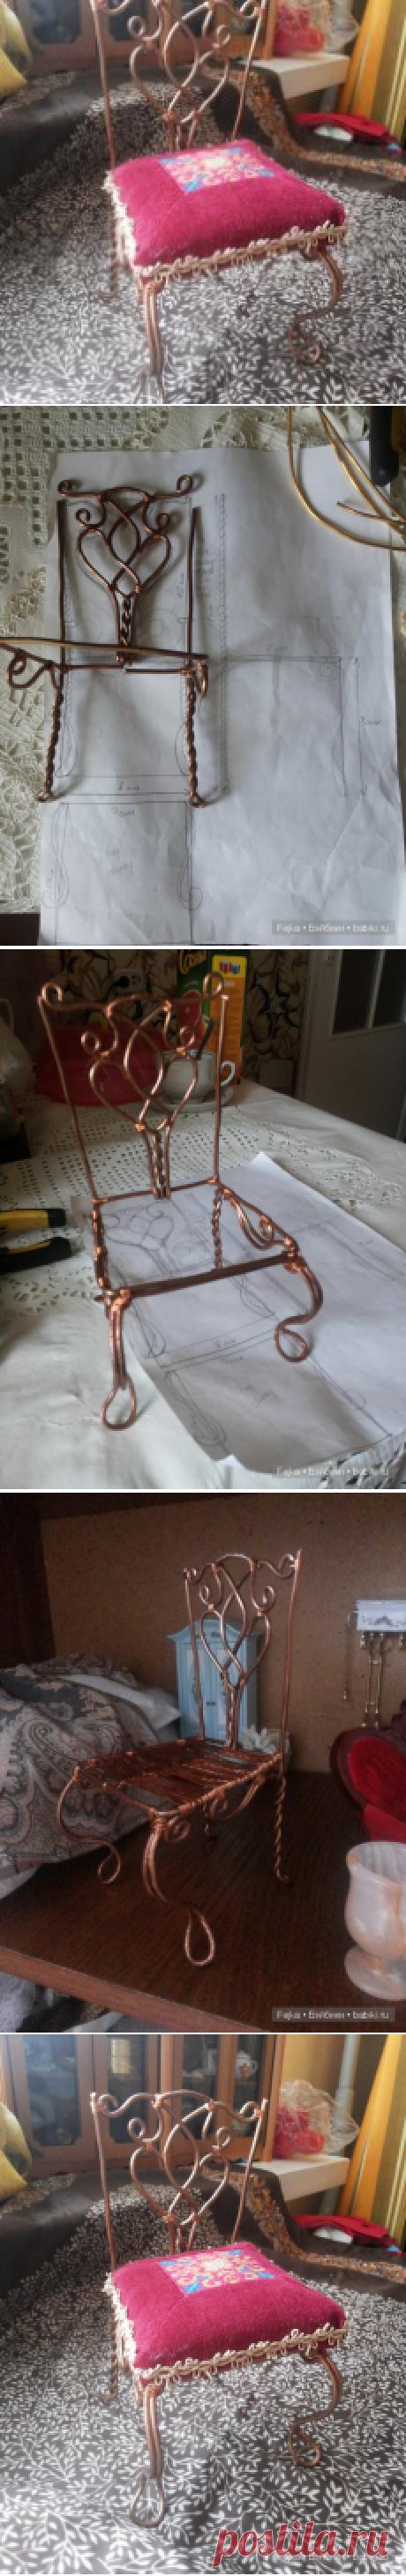 МК стульчика из проволоки / Кукольная мебель своими руками для кукольного домика / Бэйбики. Куклы фото. Одежда для кукол